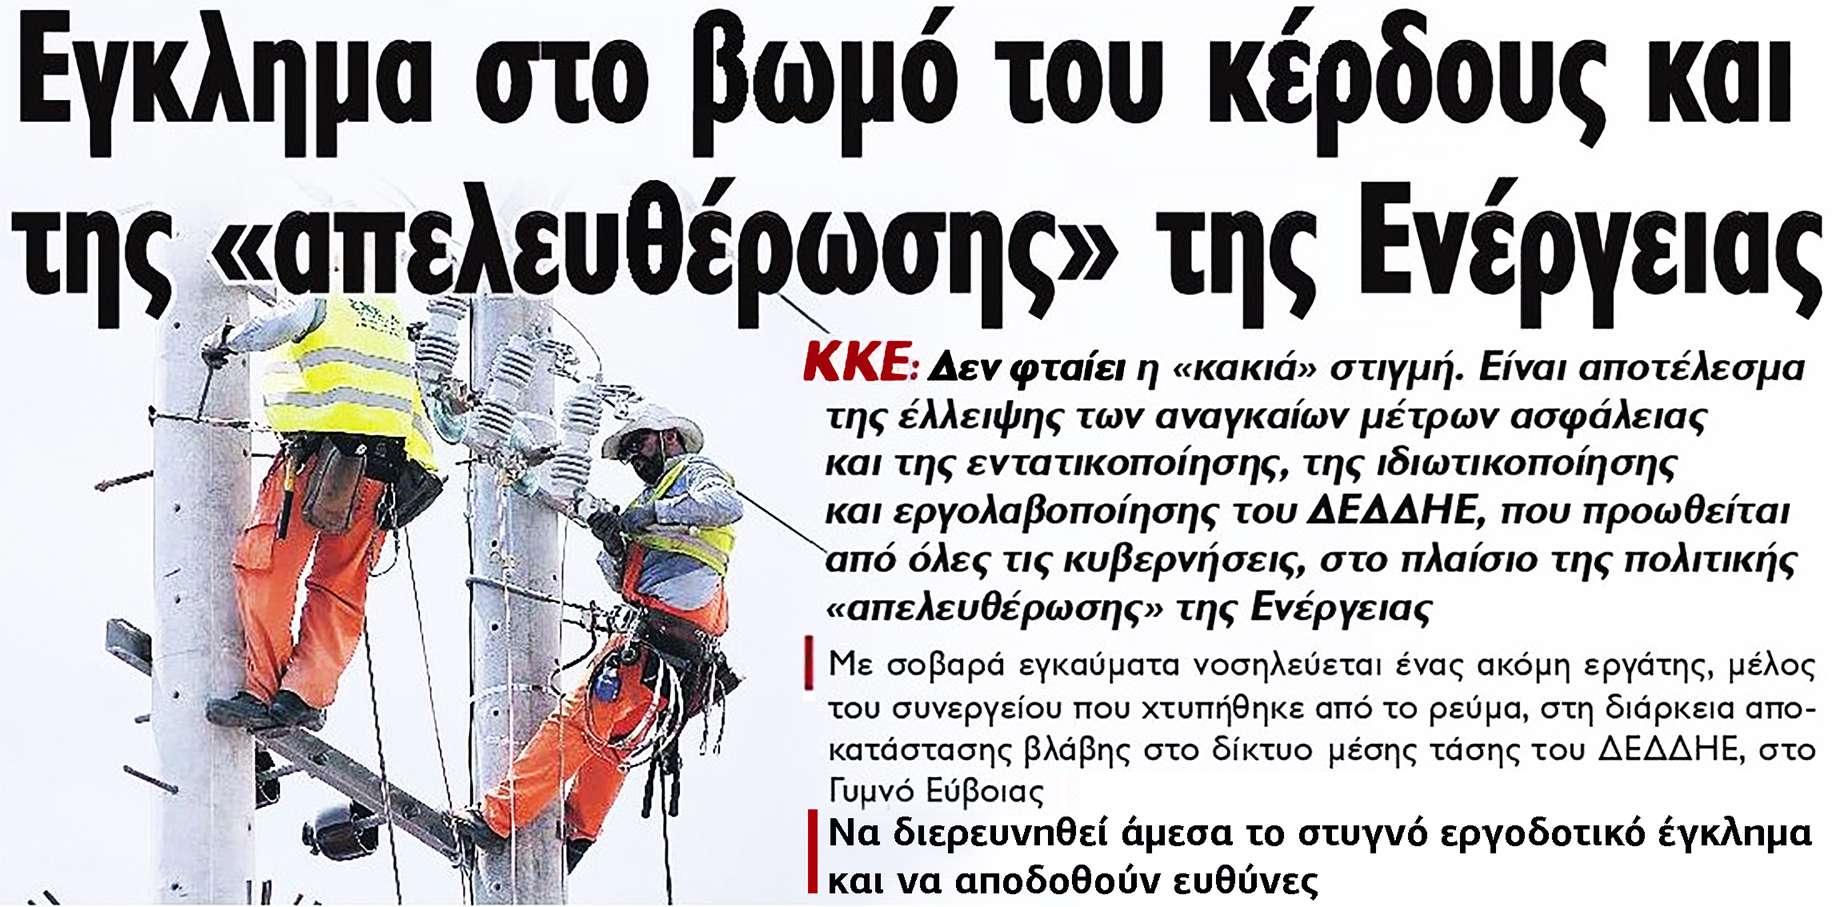 Εργοδοτικό έγκλημα στην Εύβοια θάνατος τριών εργατών από ηλεκτροπληξία